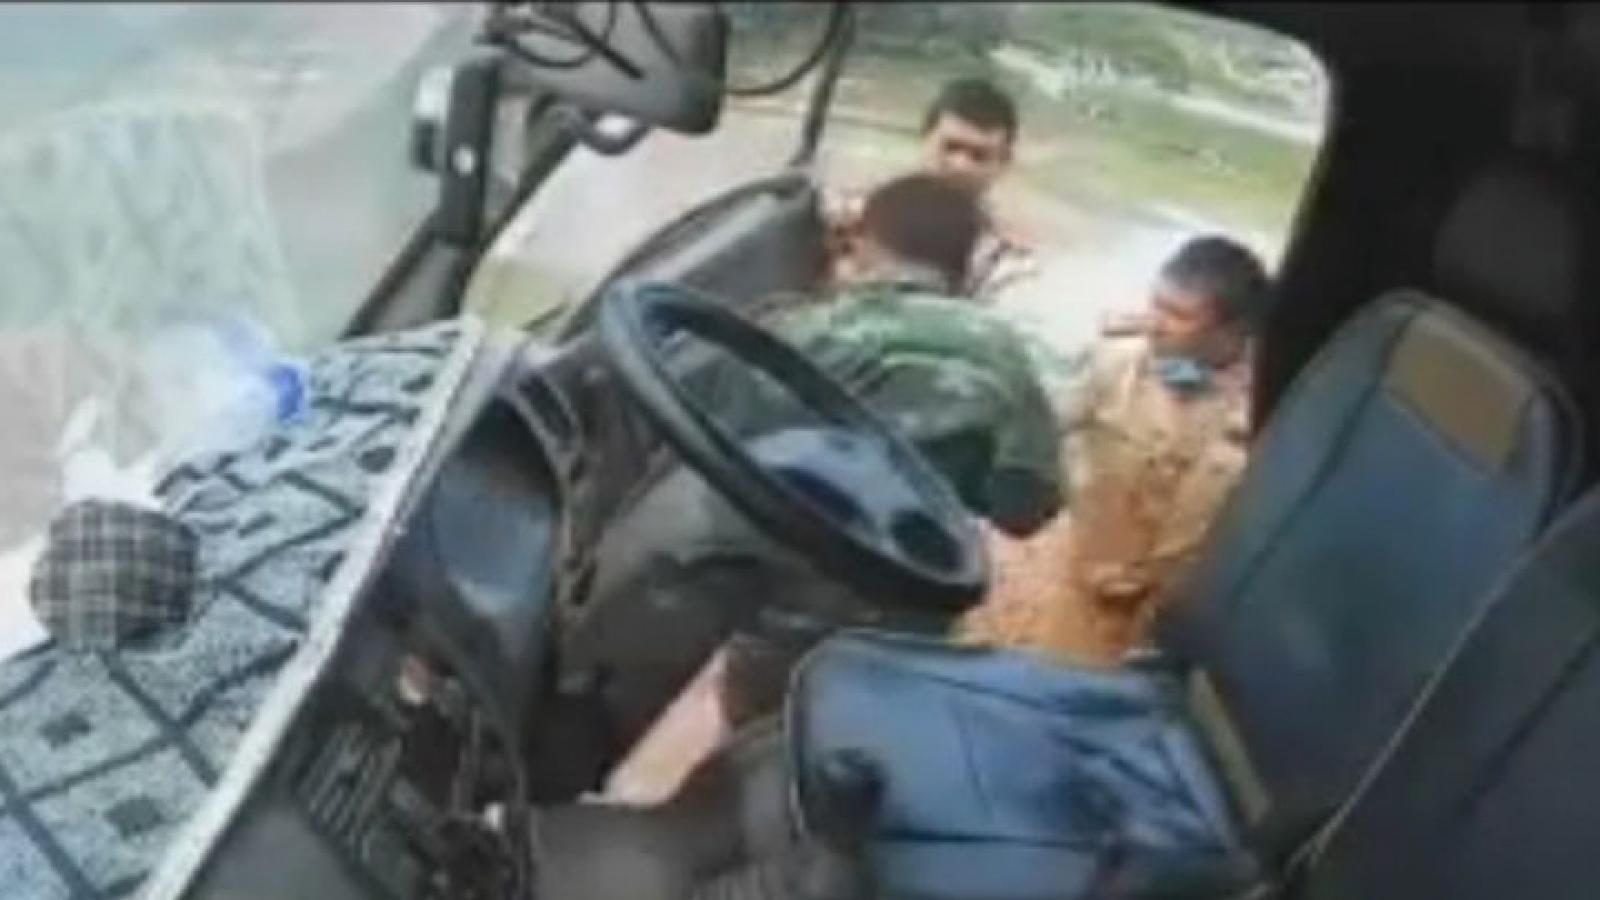 Bắc Giang làm rõ vi phạm, xử lý nghiêm 3 CSGT đánh tài xế